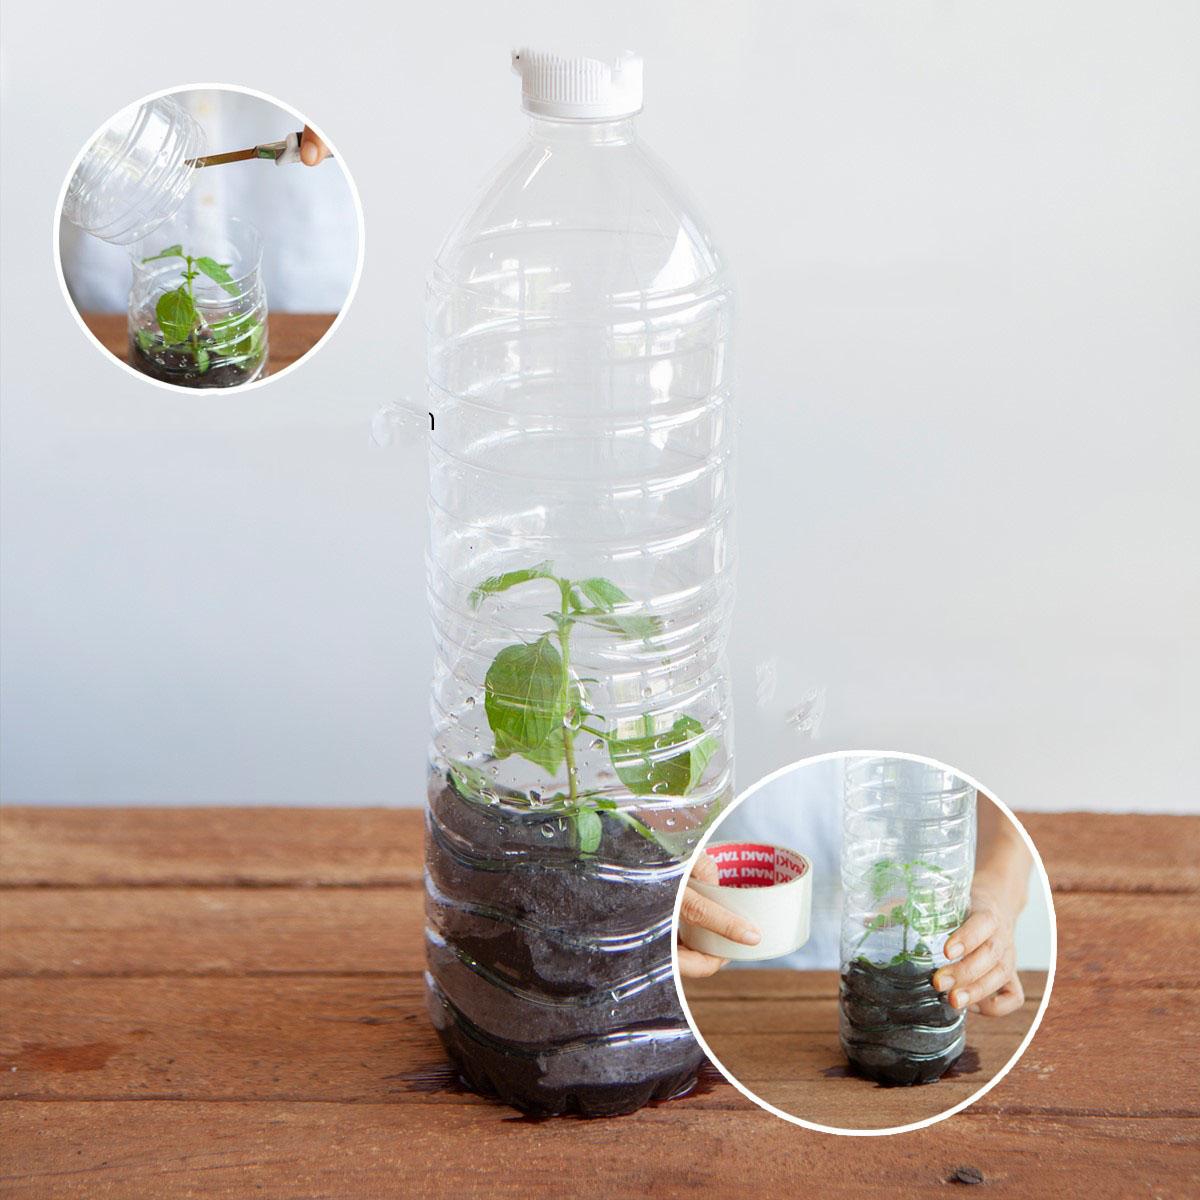 Cắt rau bỏ trong chai nhựa, cách làm đơn giản nhưng thu hoạch rau nhiều bất ngờ - Ảnh 8.